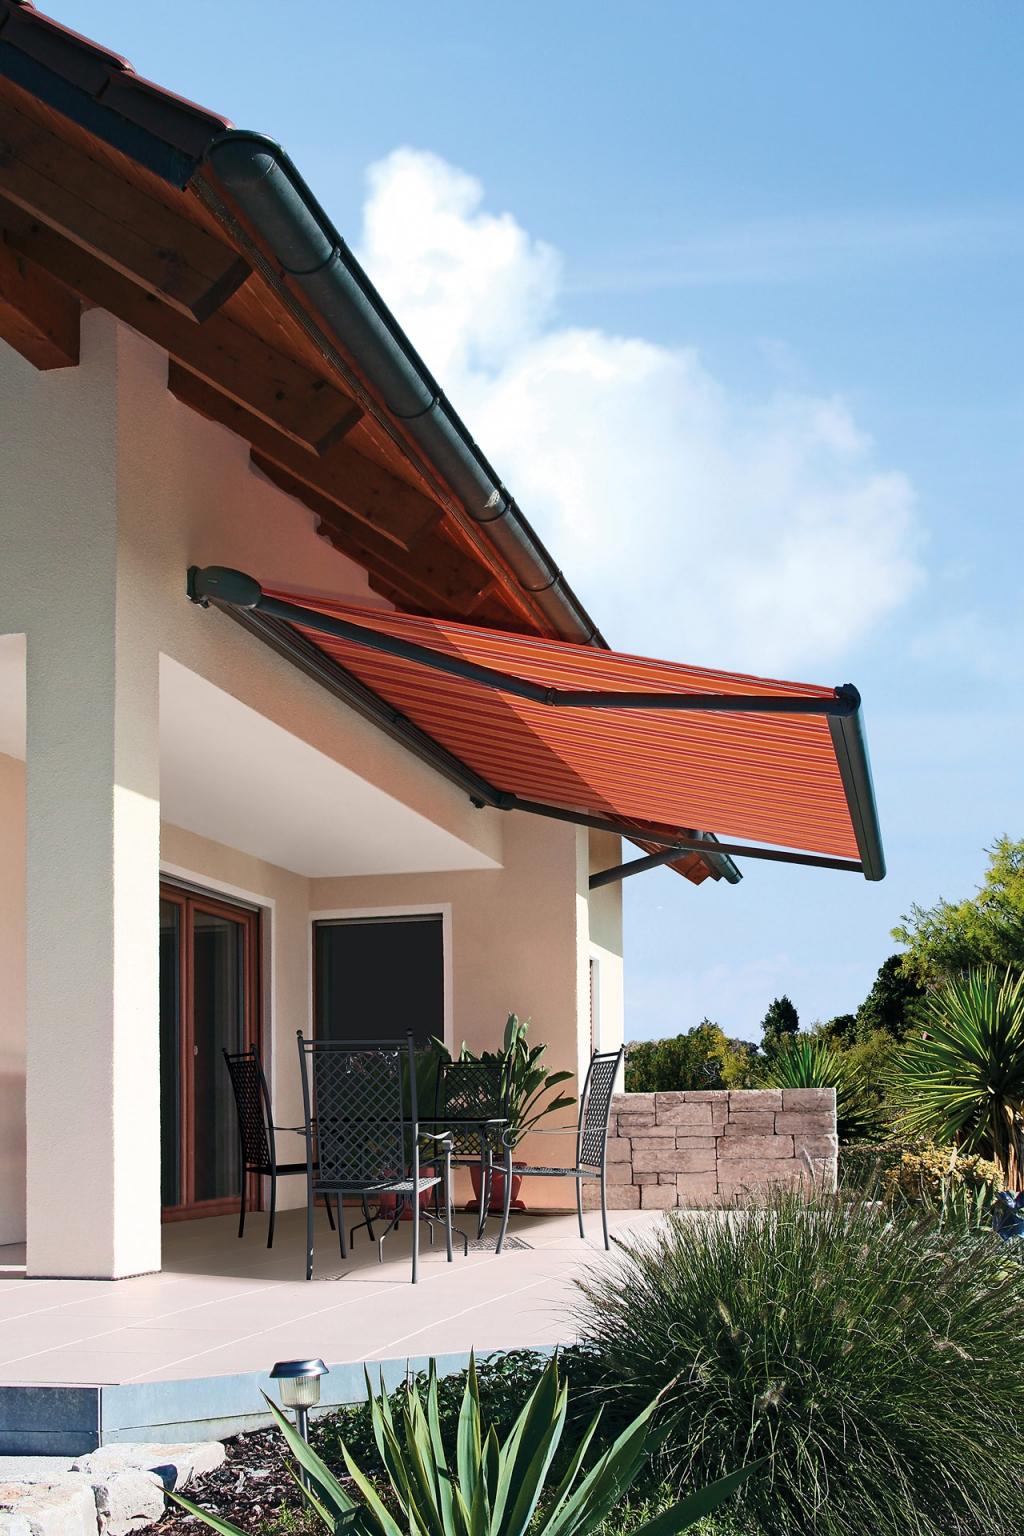 J 03 | Terrassenbeschattung mit Sonnenschutz Markise, Kassette grau, Stoff rot-orange | Svoboda